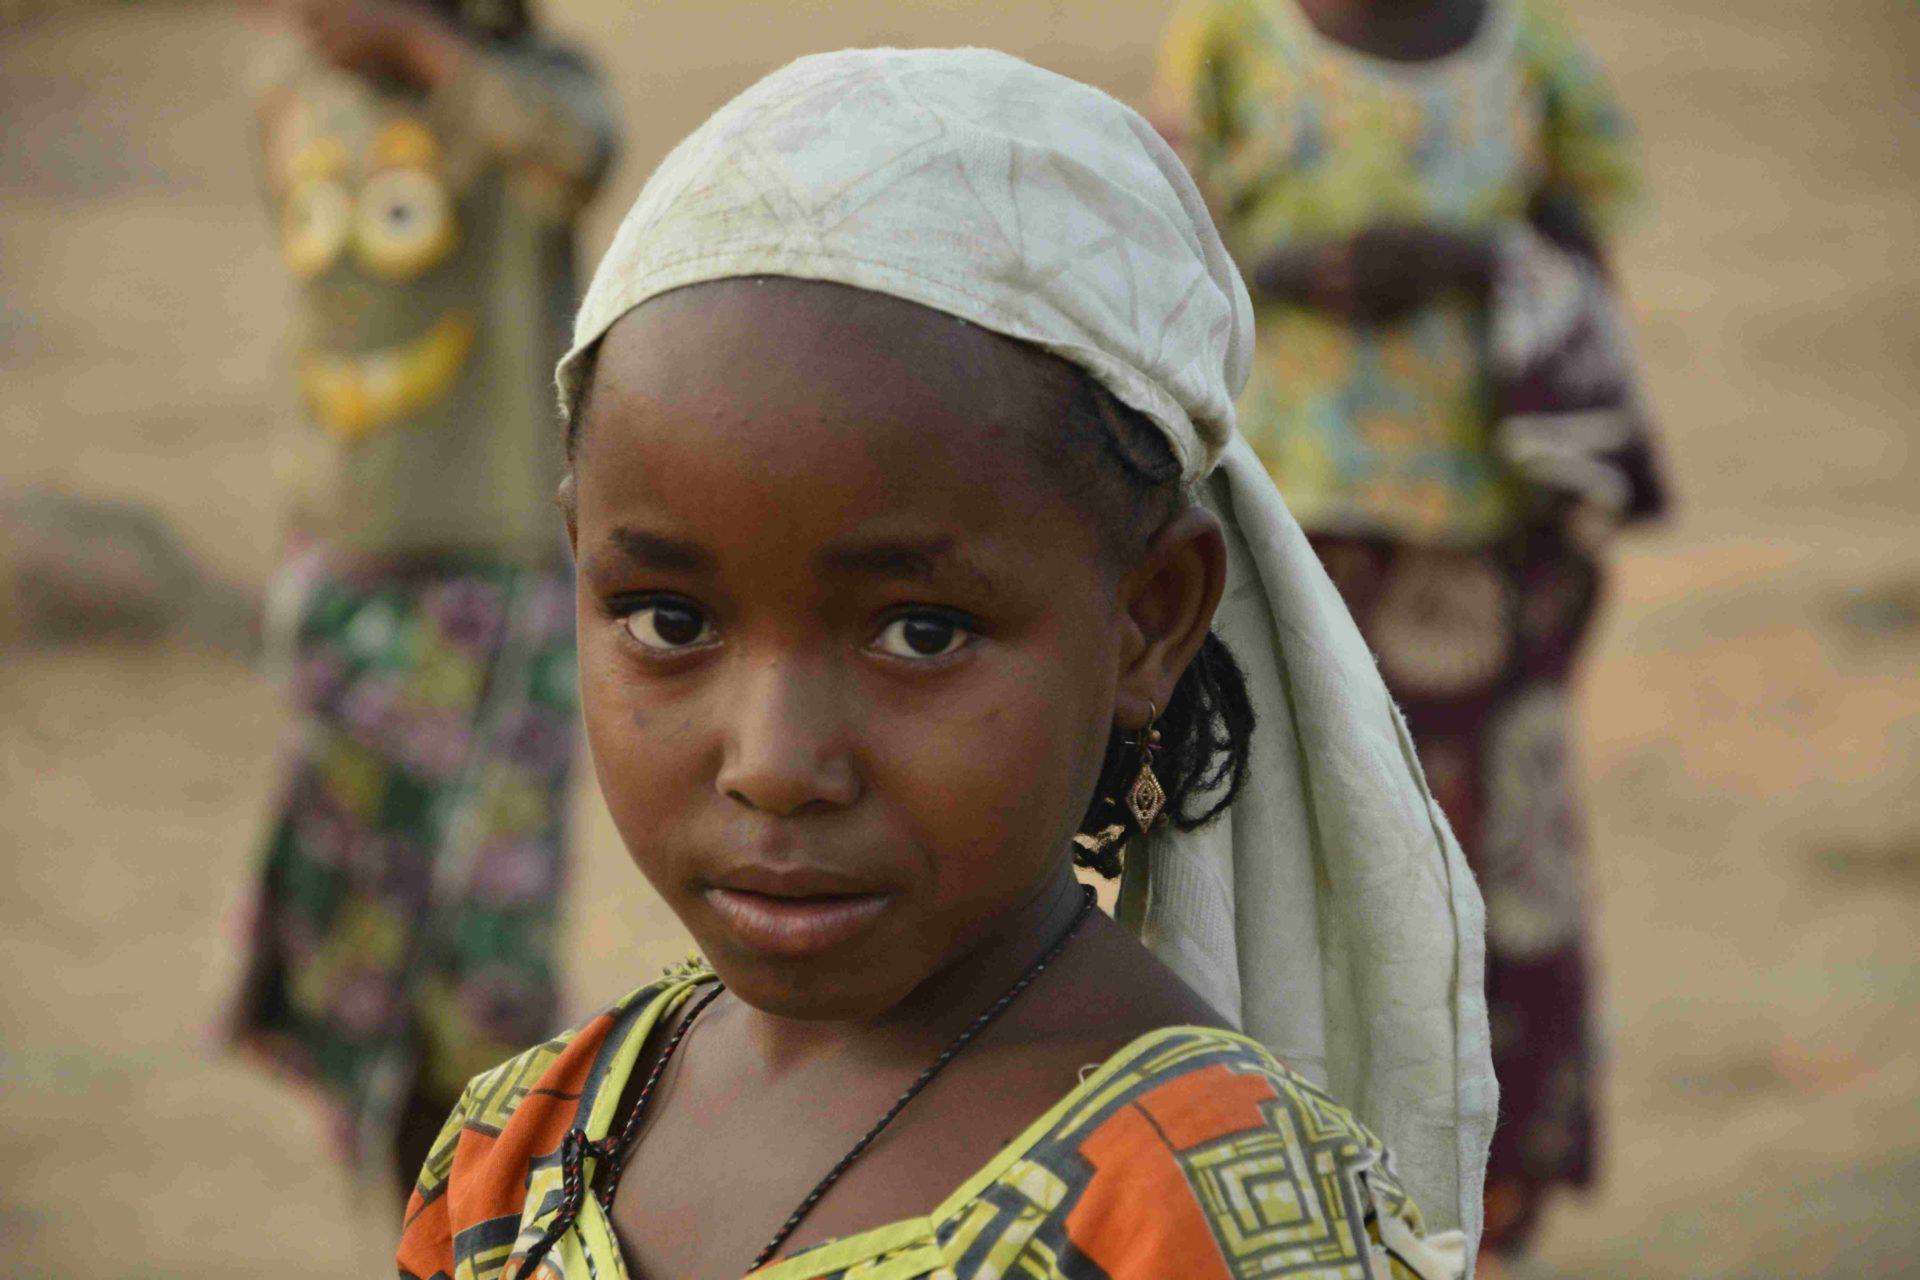 uchodzcy w Kamerunie